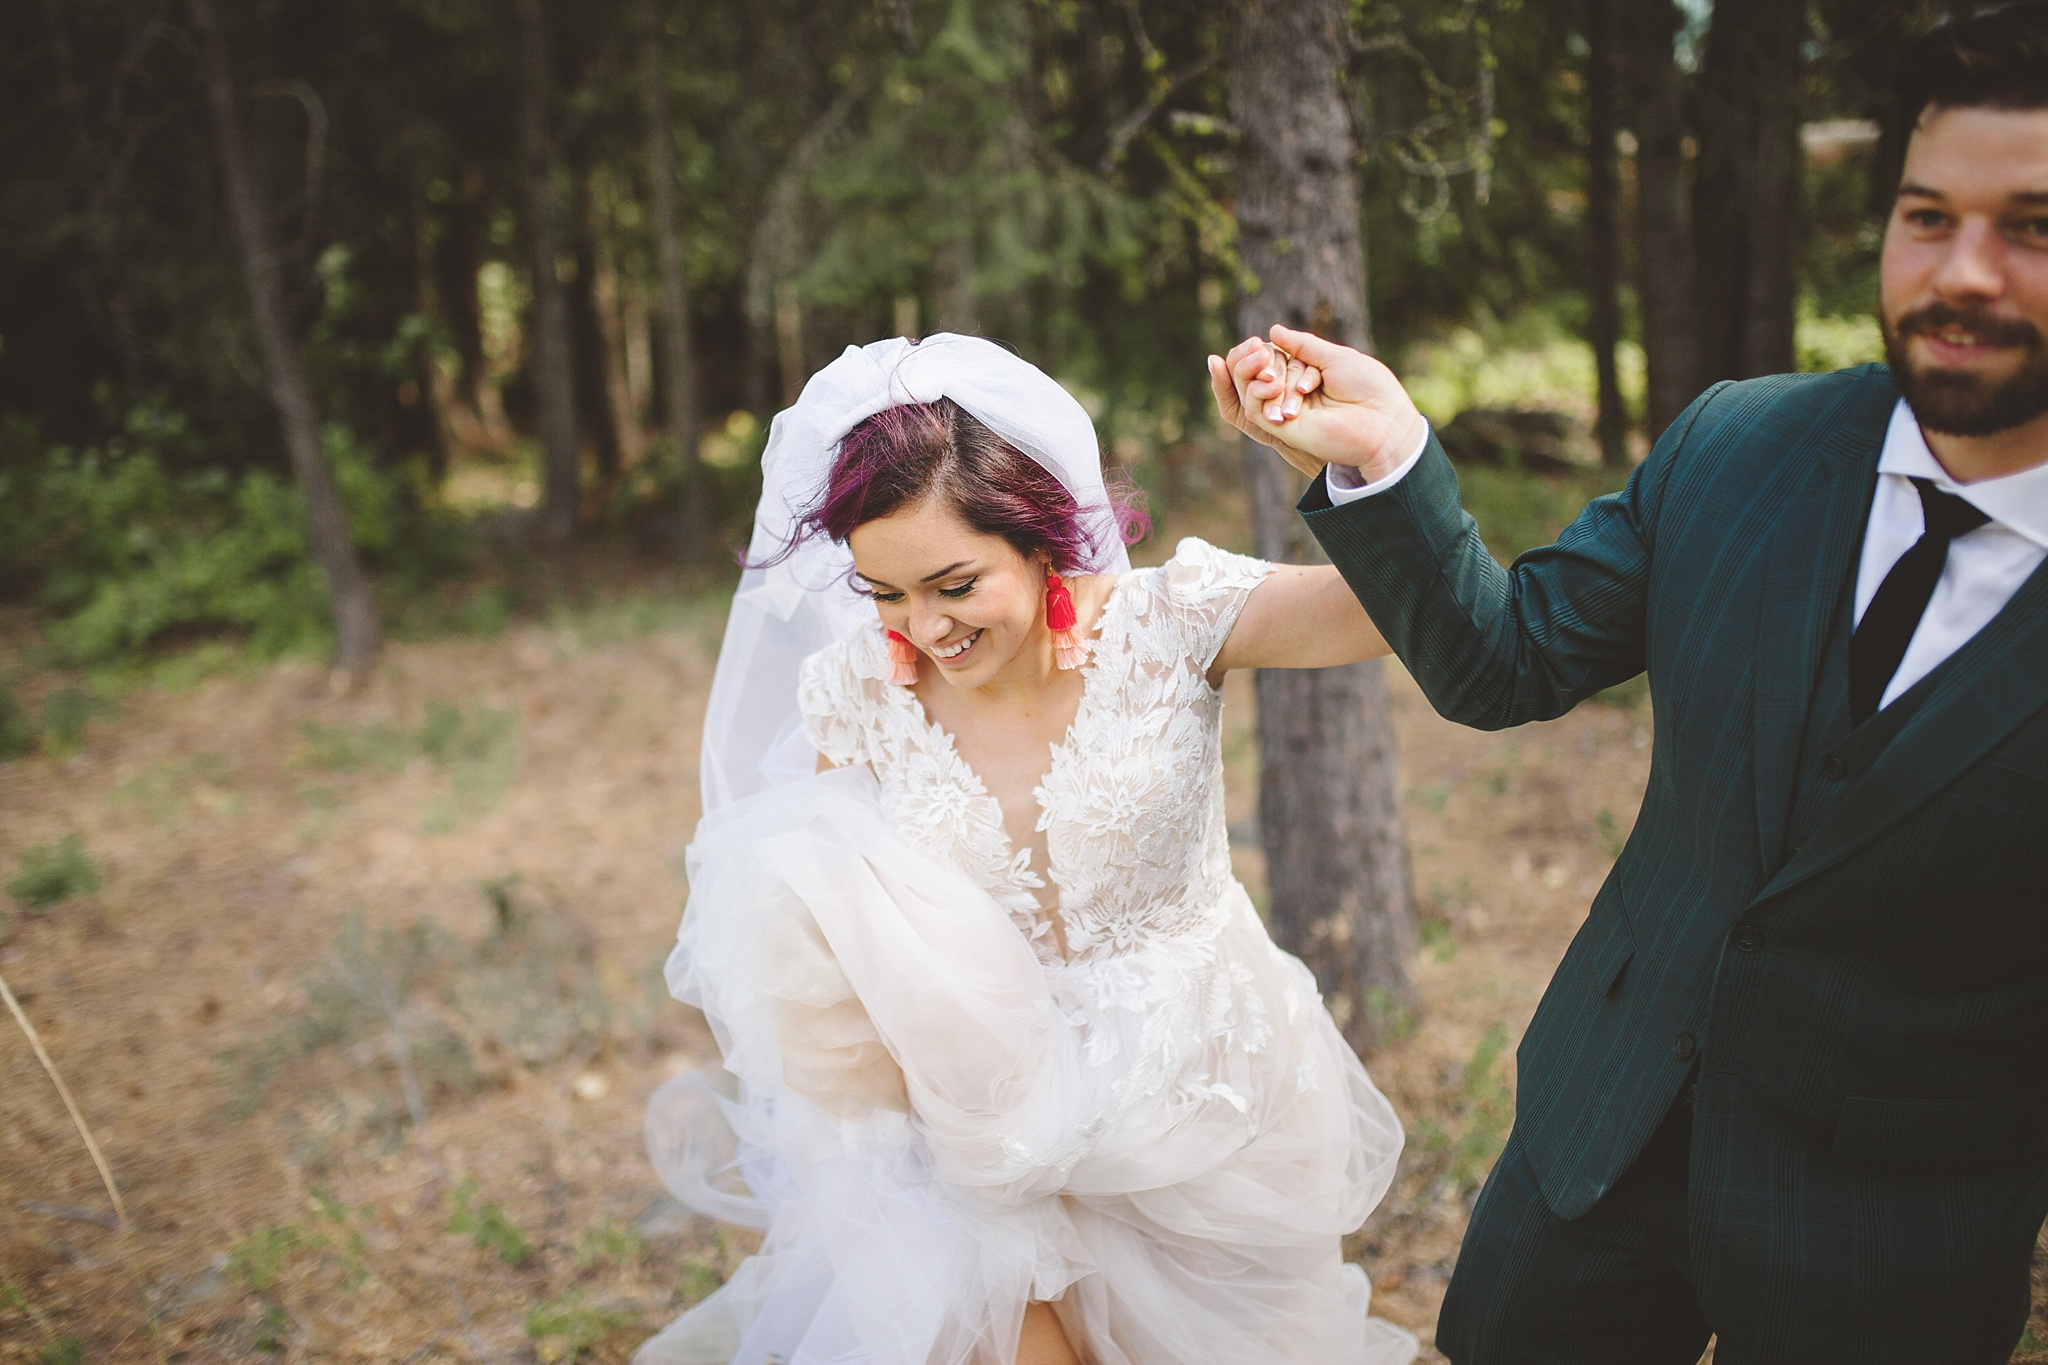 happy candid couple on wedding day